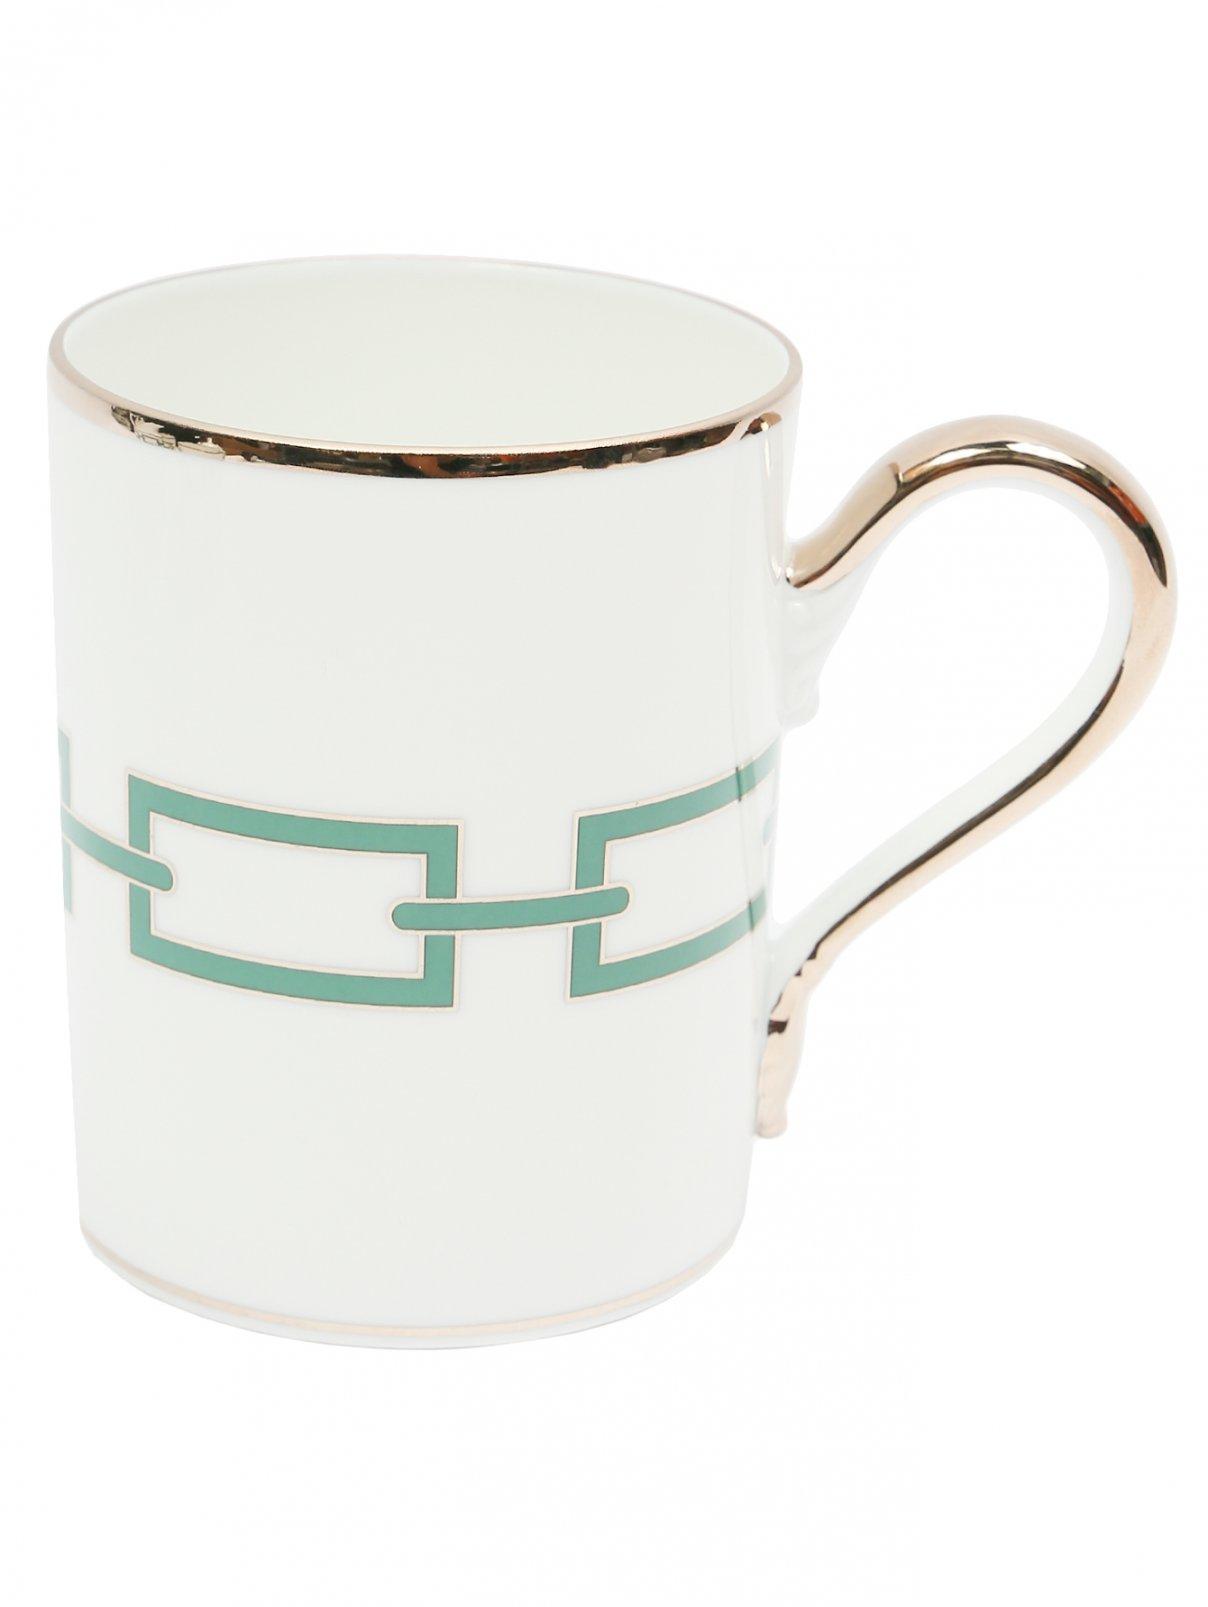 Чайная чашка из фарфора с орнаментом и серебряной окантовкой Richard Ginori 1735  –  Общий вид